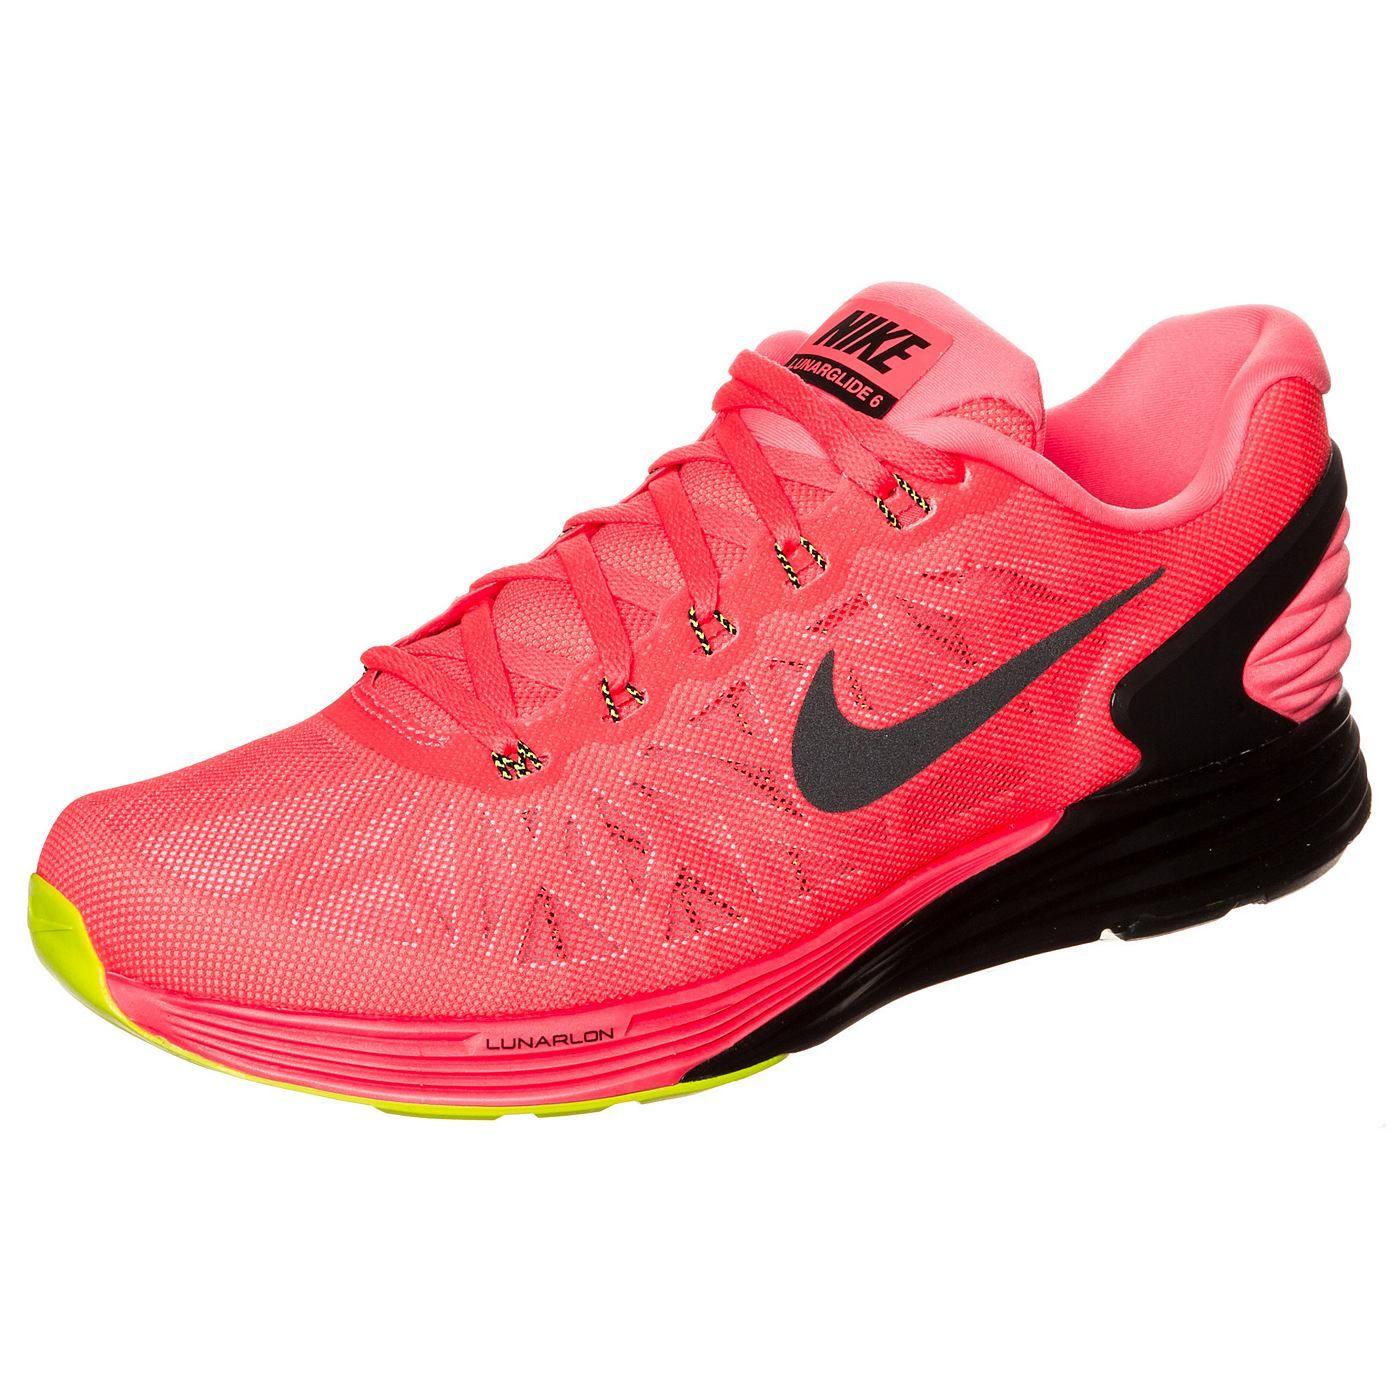 Nike »Lunarglide 9« Laufschuh | Produktkatalog | Laufschuhe